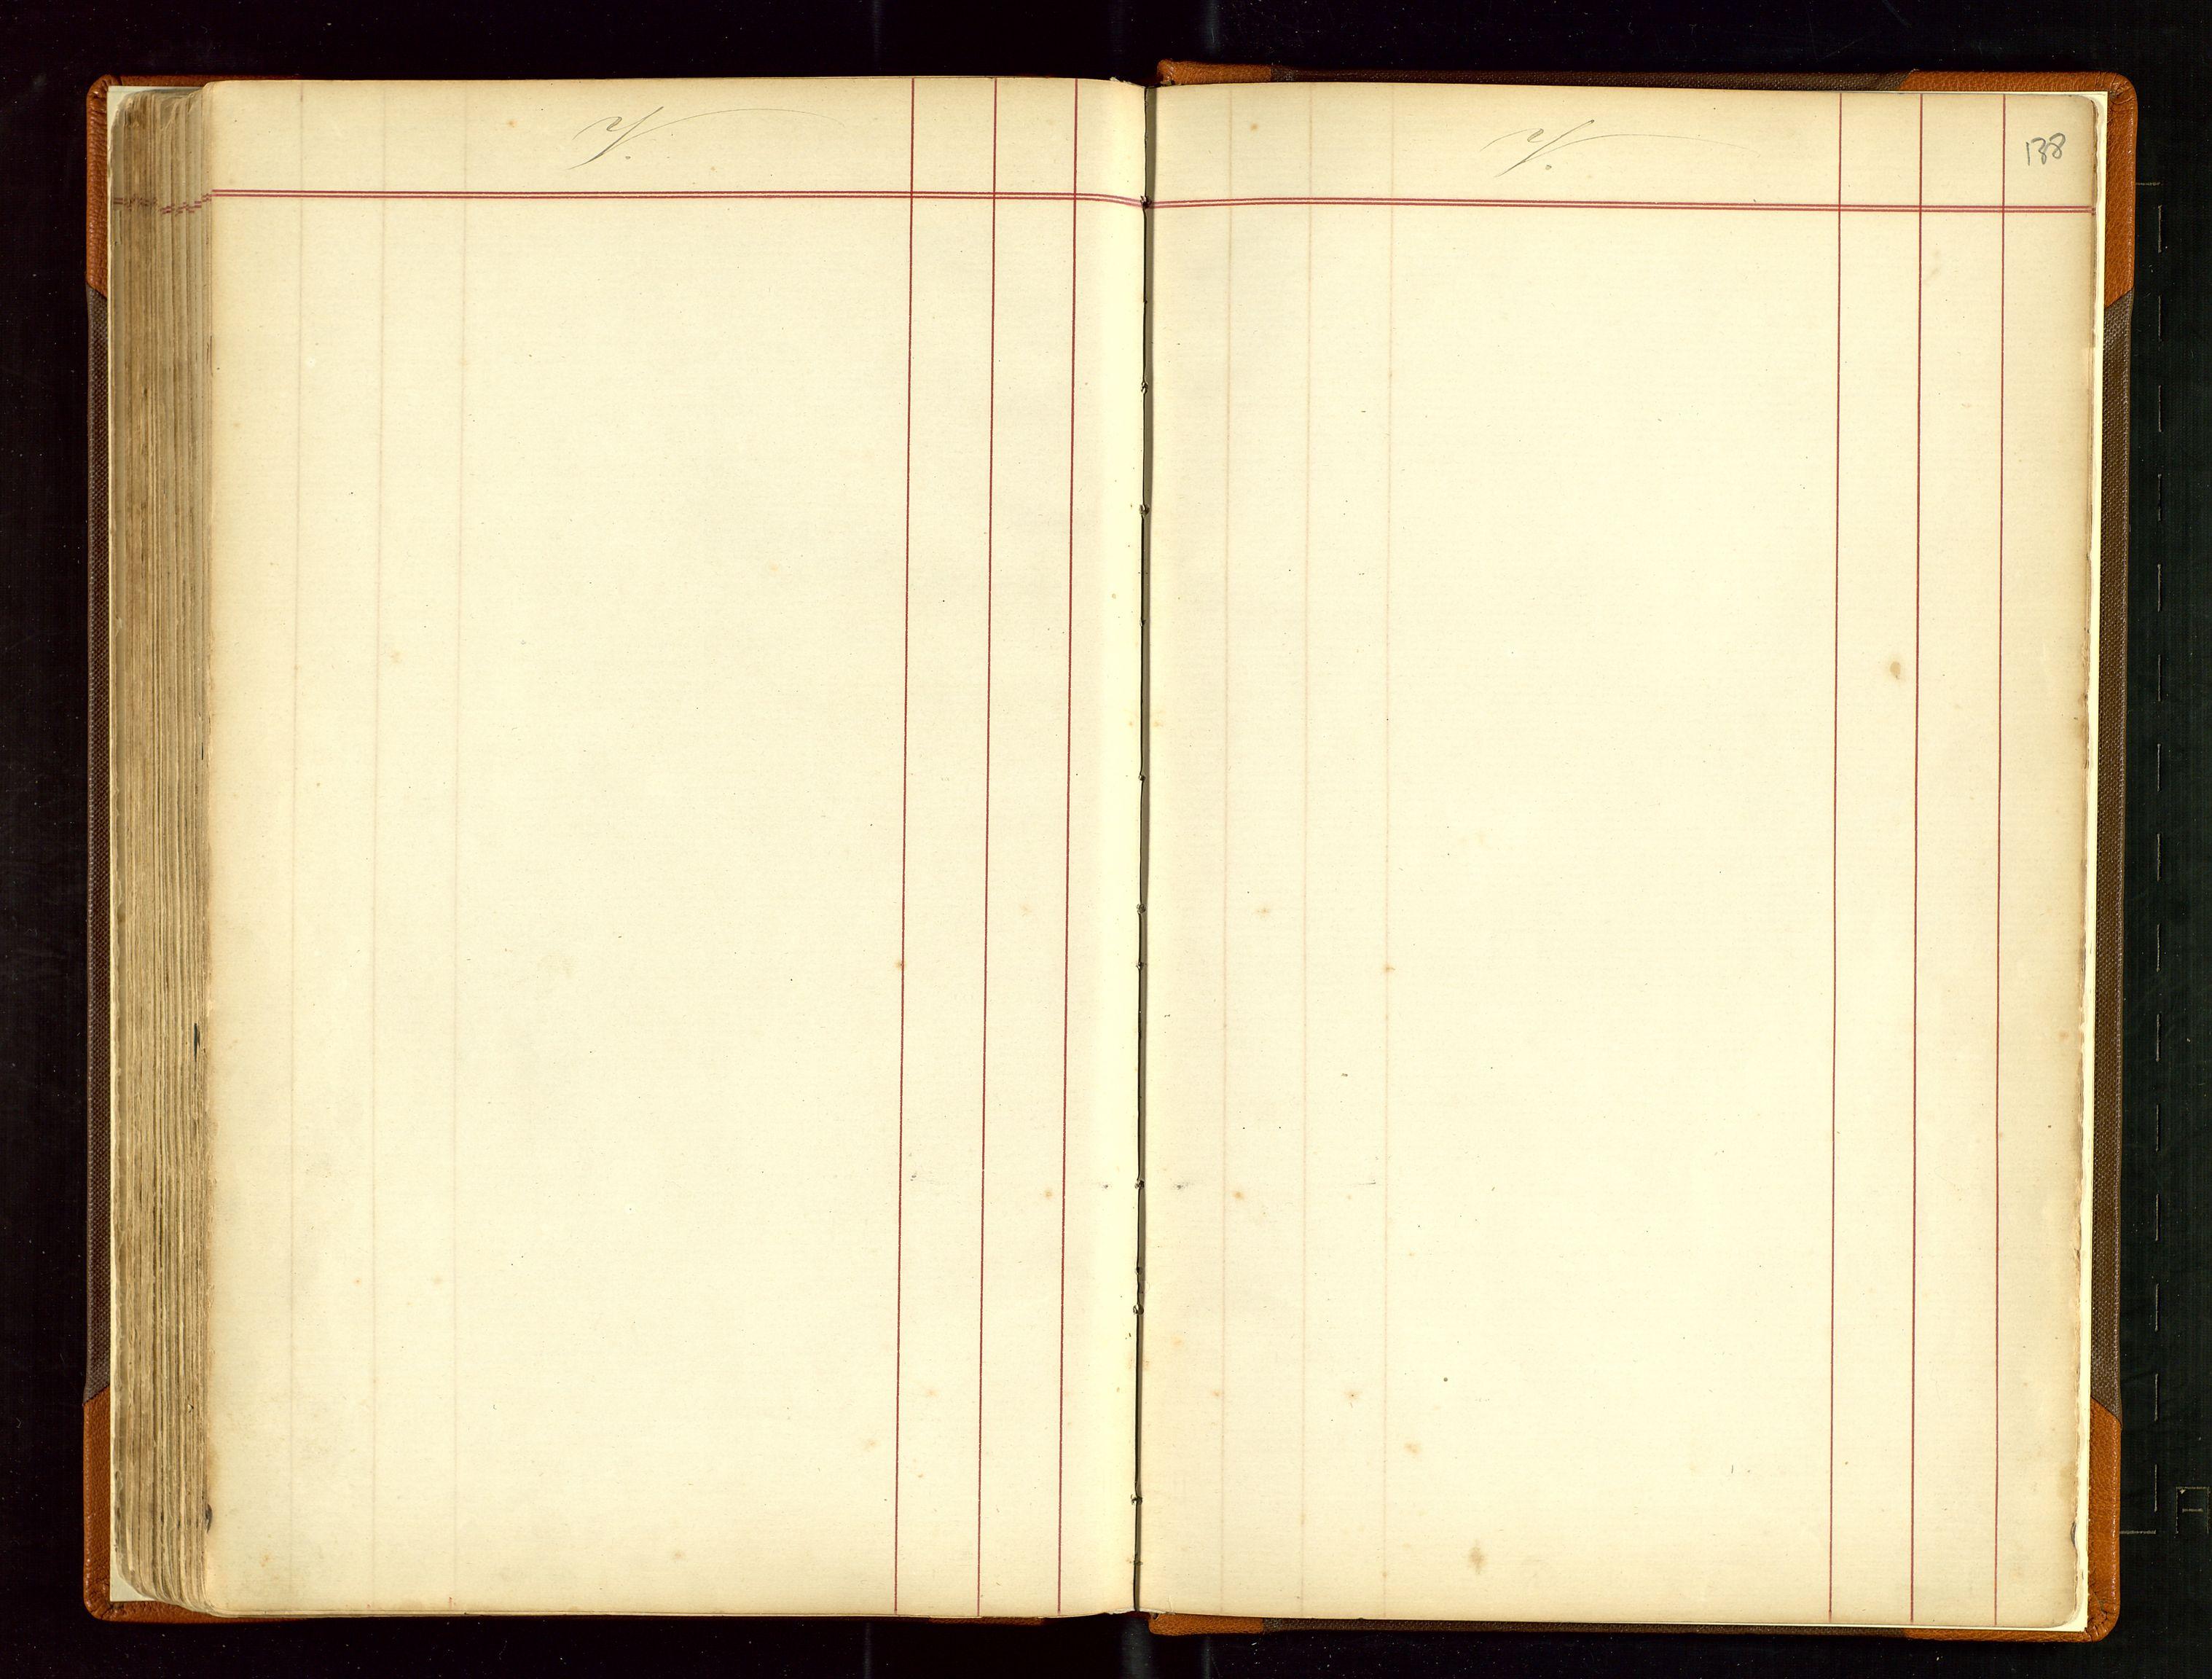 SAST, Haugesund sjømannskontor, F/Fb/Fba/L0003: Navneregister med henvisning til rullenummer (fornavn) Haugesund krets, 1860-1948, s. 138